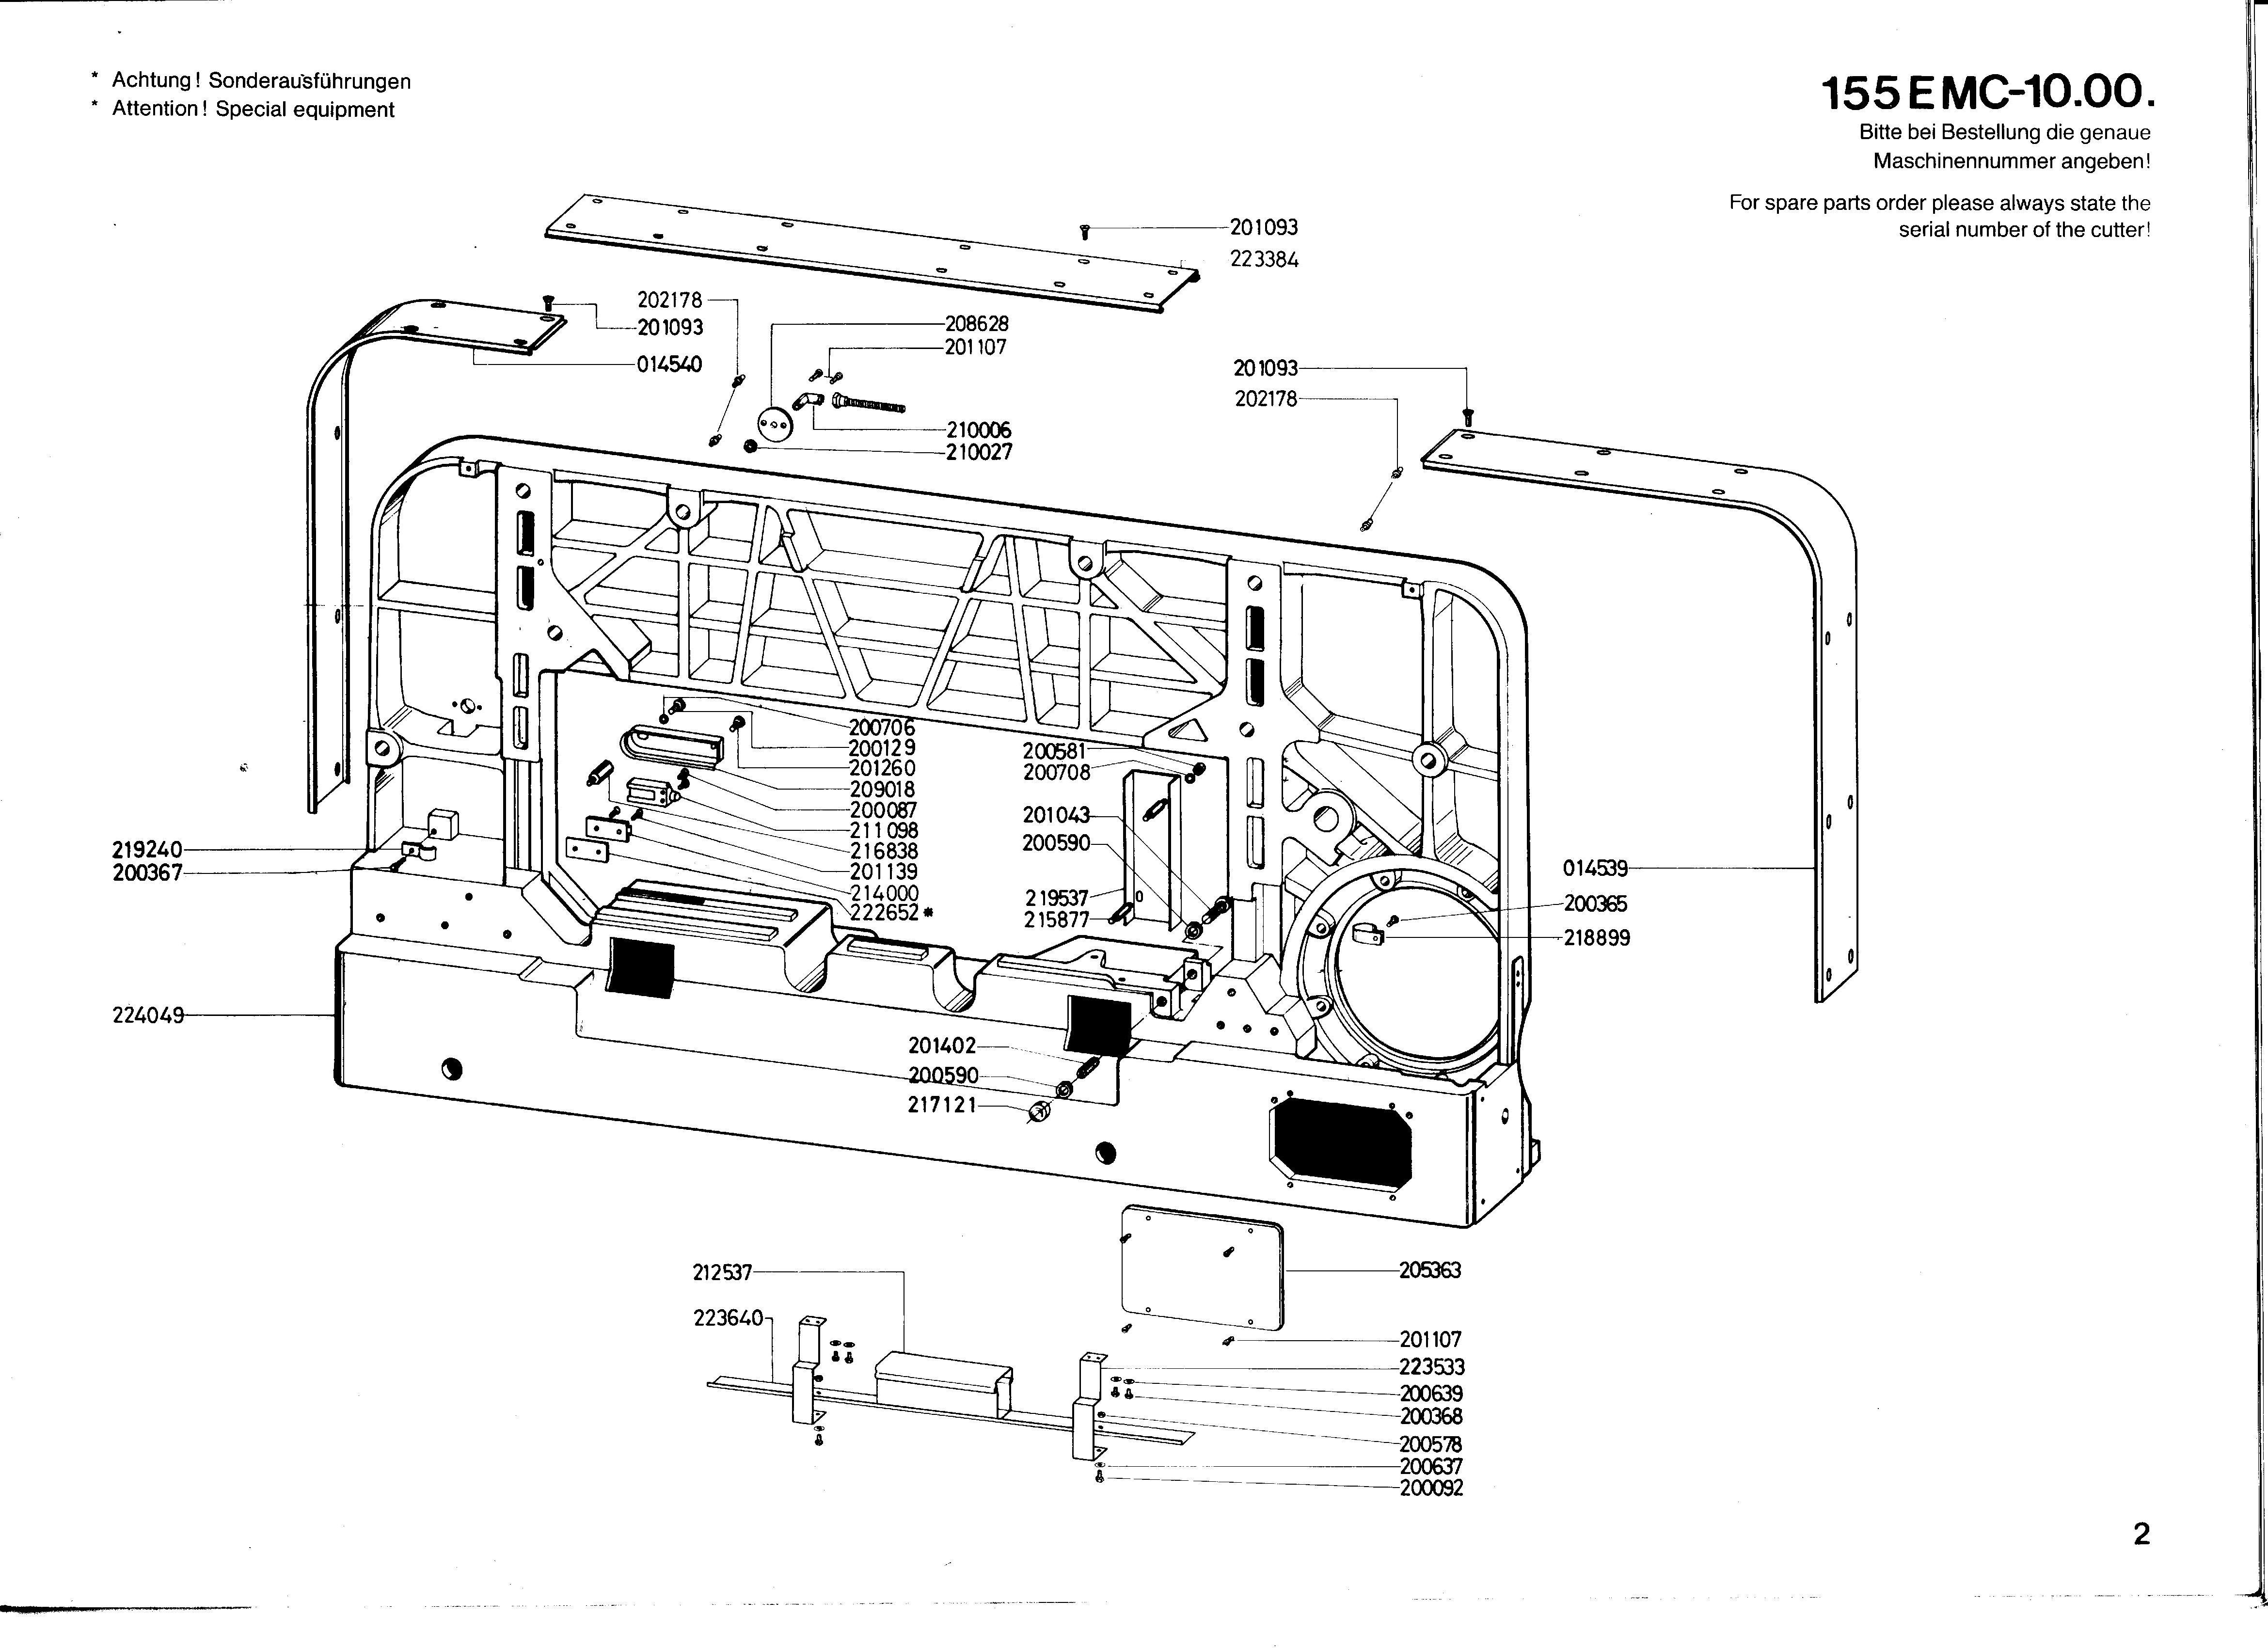 Polar 155EMC-1---002